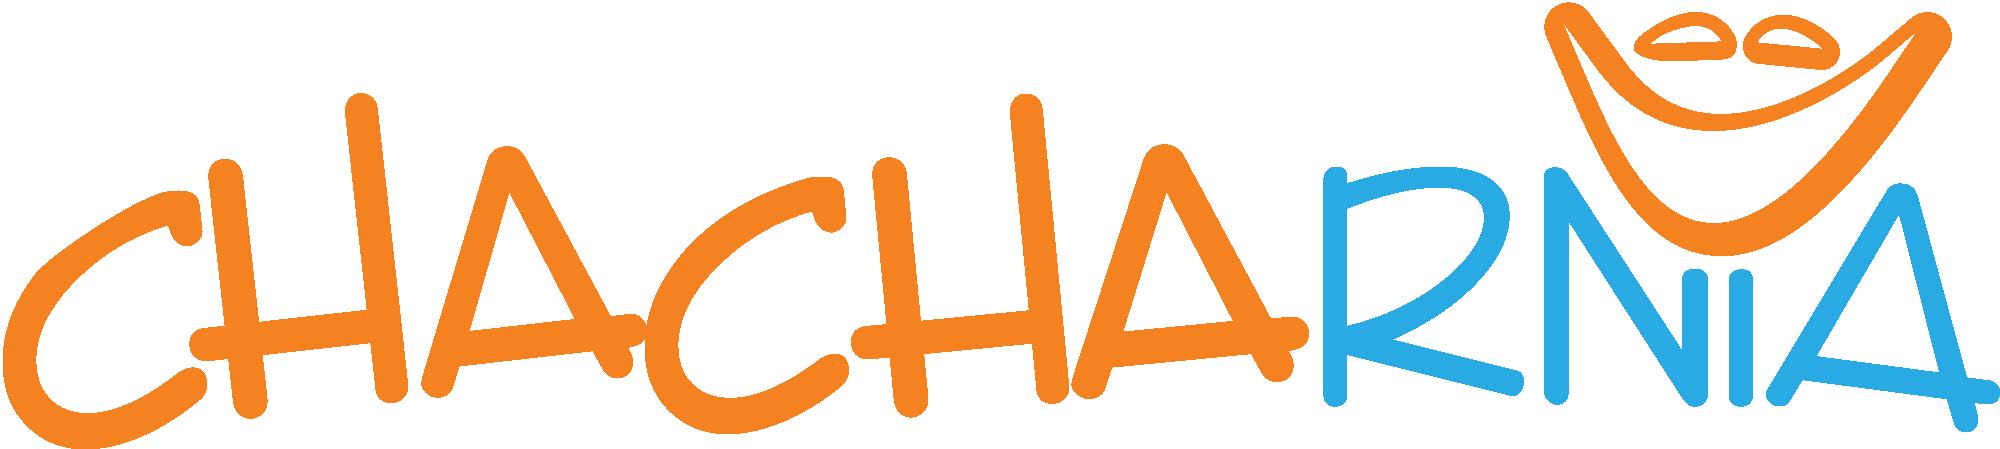 Klub Chacharnia